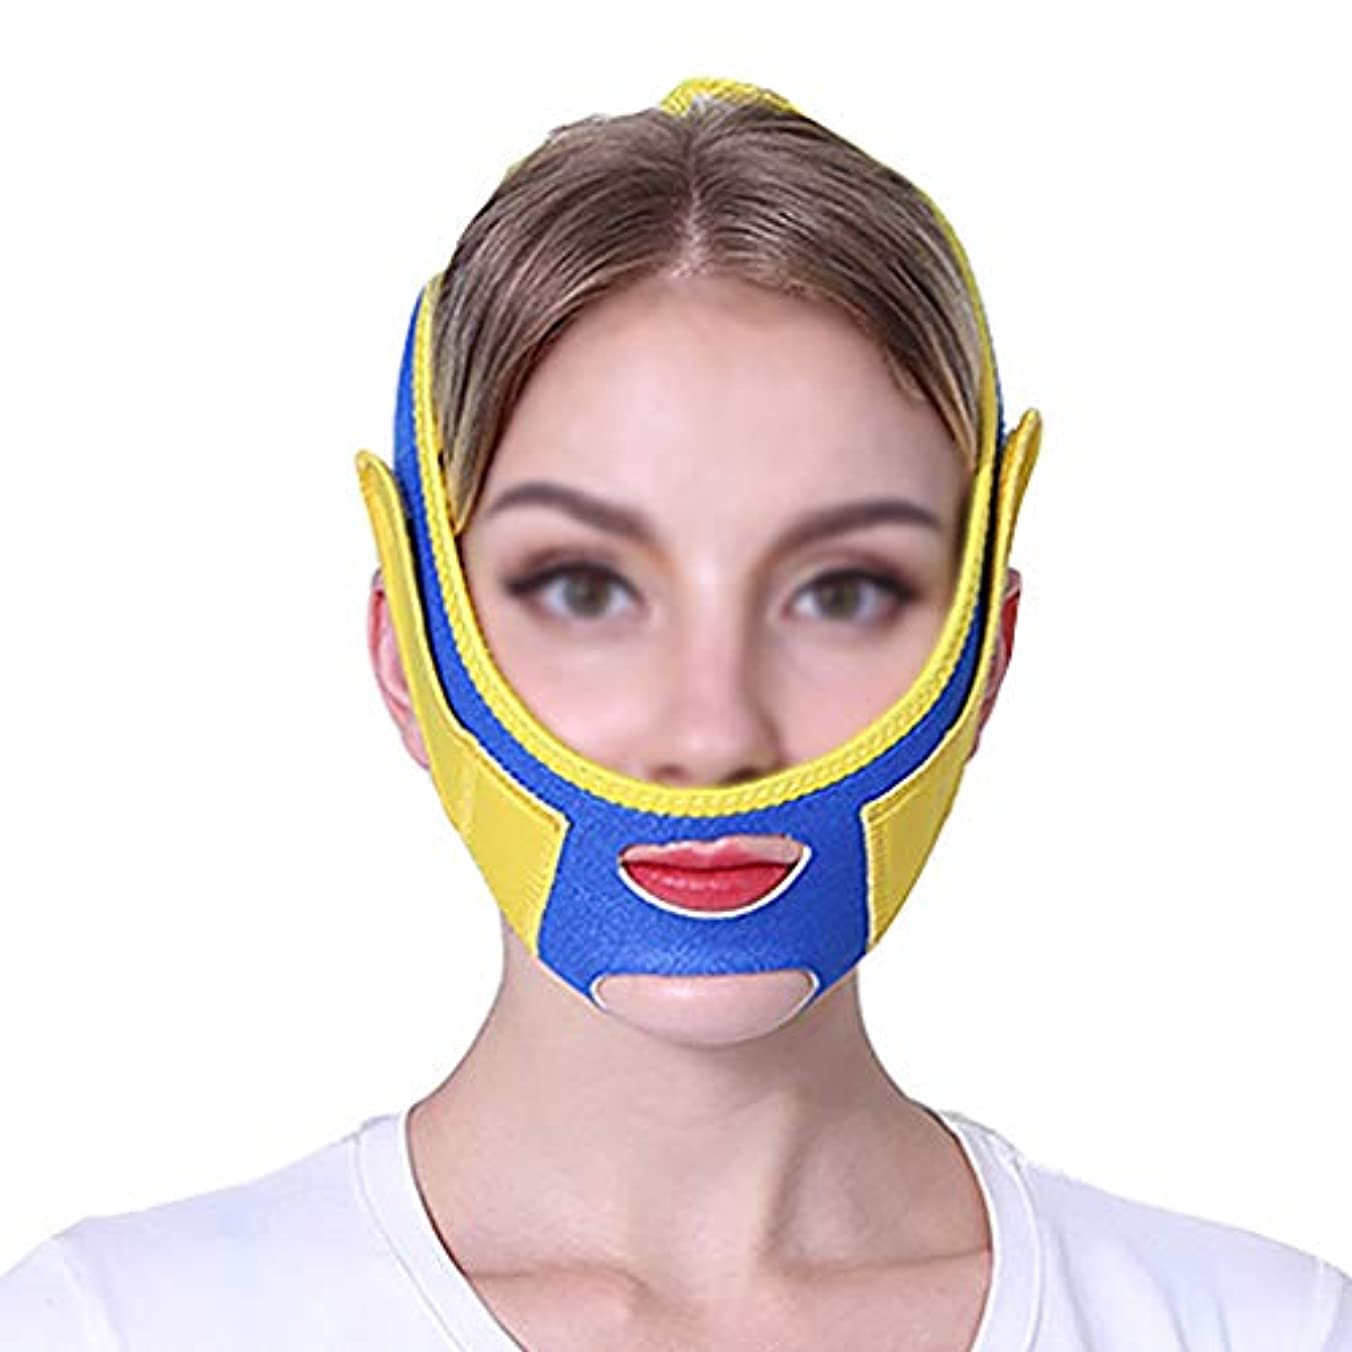 TLMY ファーミングマスクスモールvフェイスアーティファクトリフティングマスクフェイスリフティングフェイスリフティングマスクファーミングクリームフェイシャルリフティング包帯 顔用整形マスク